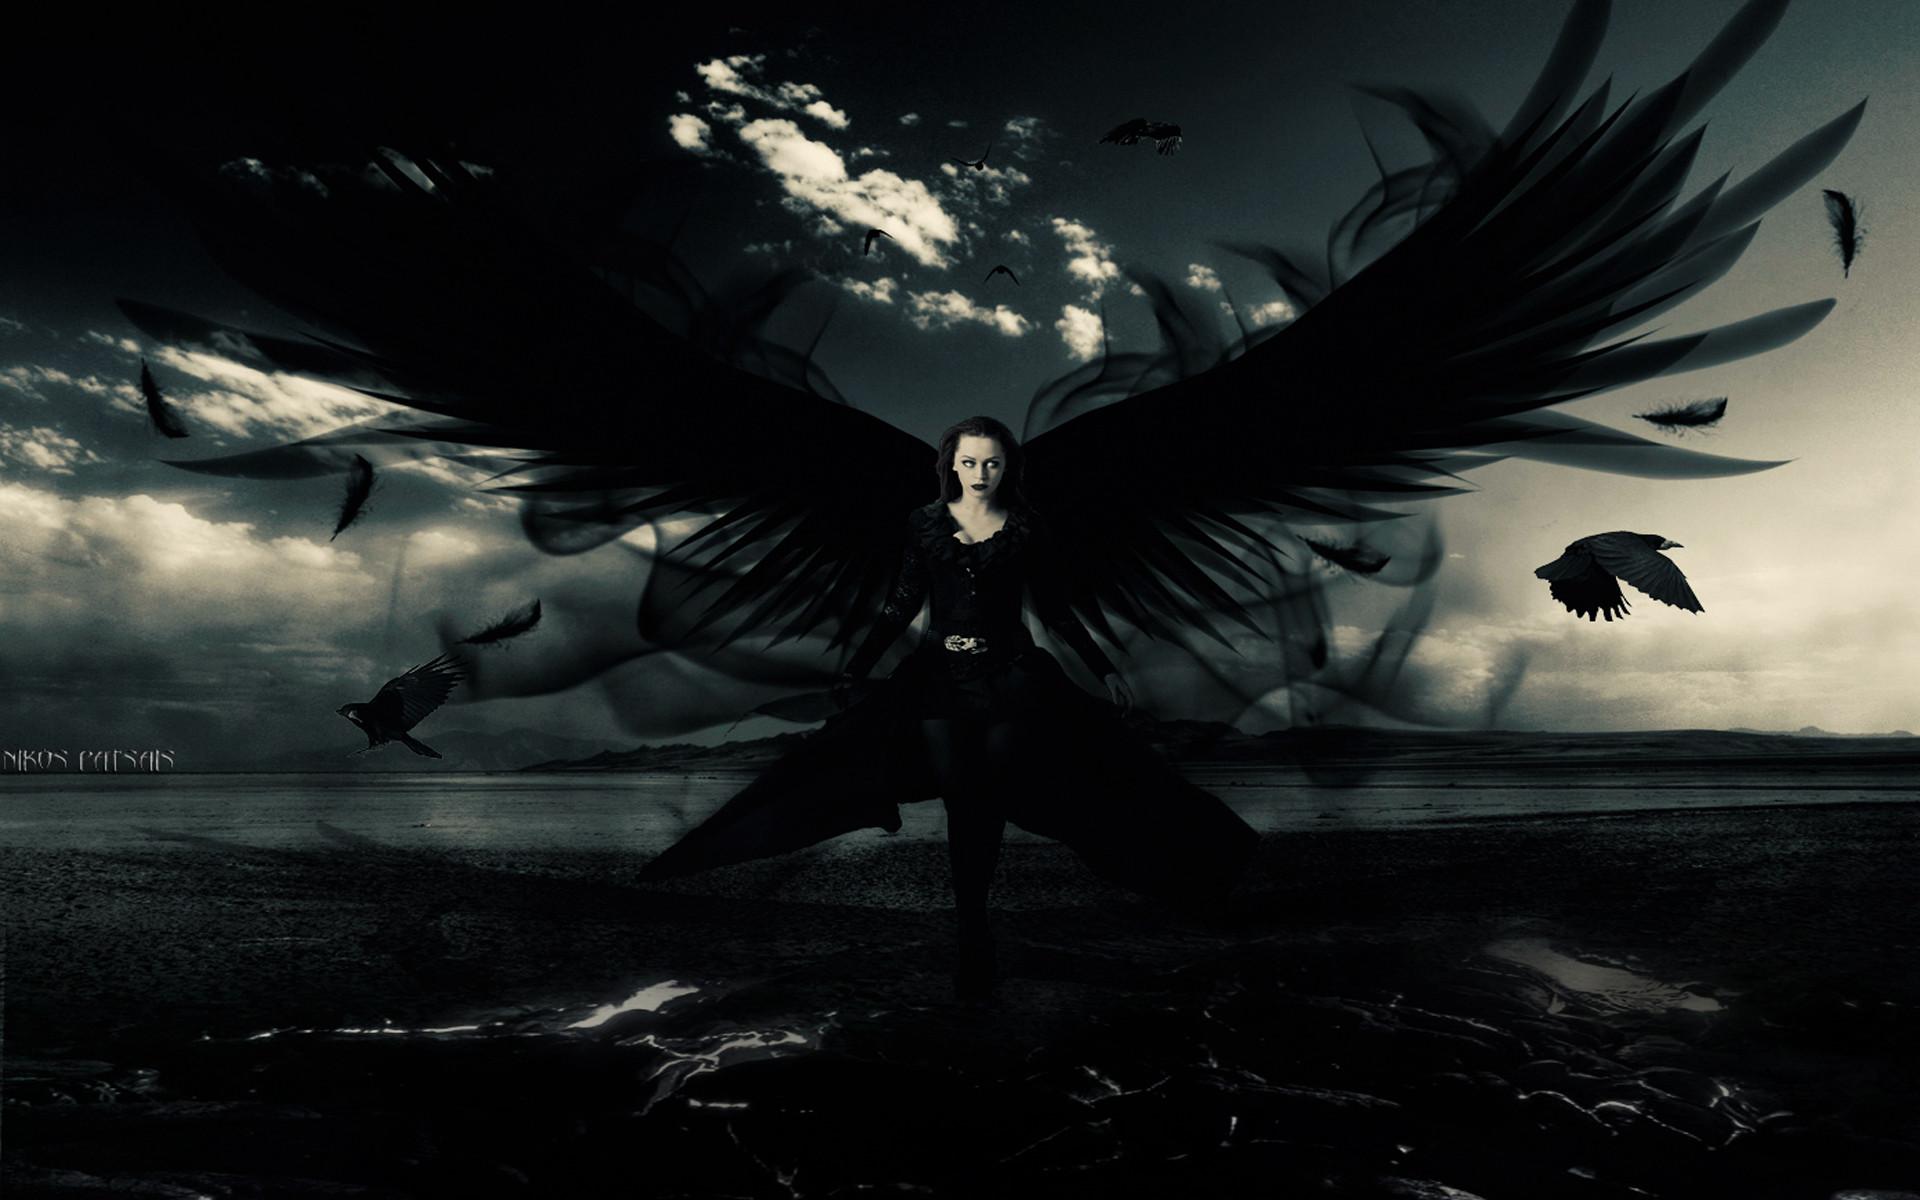 черный ангел мистика картинки браузер должен